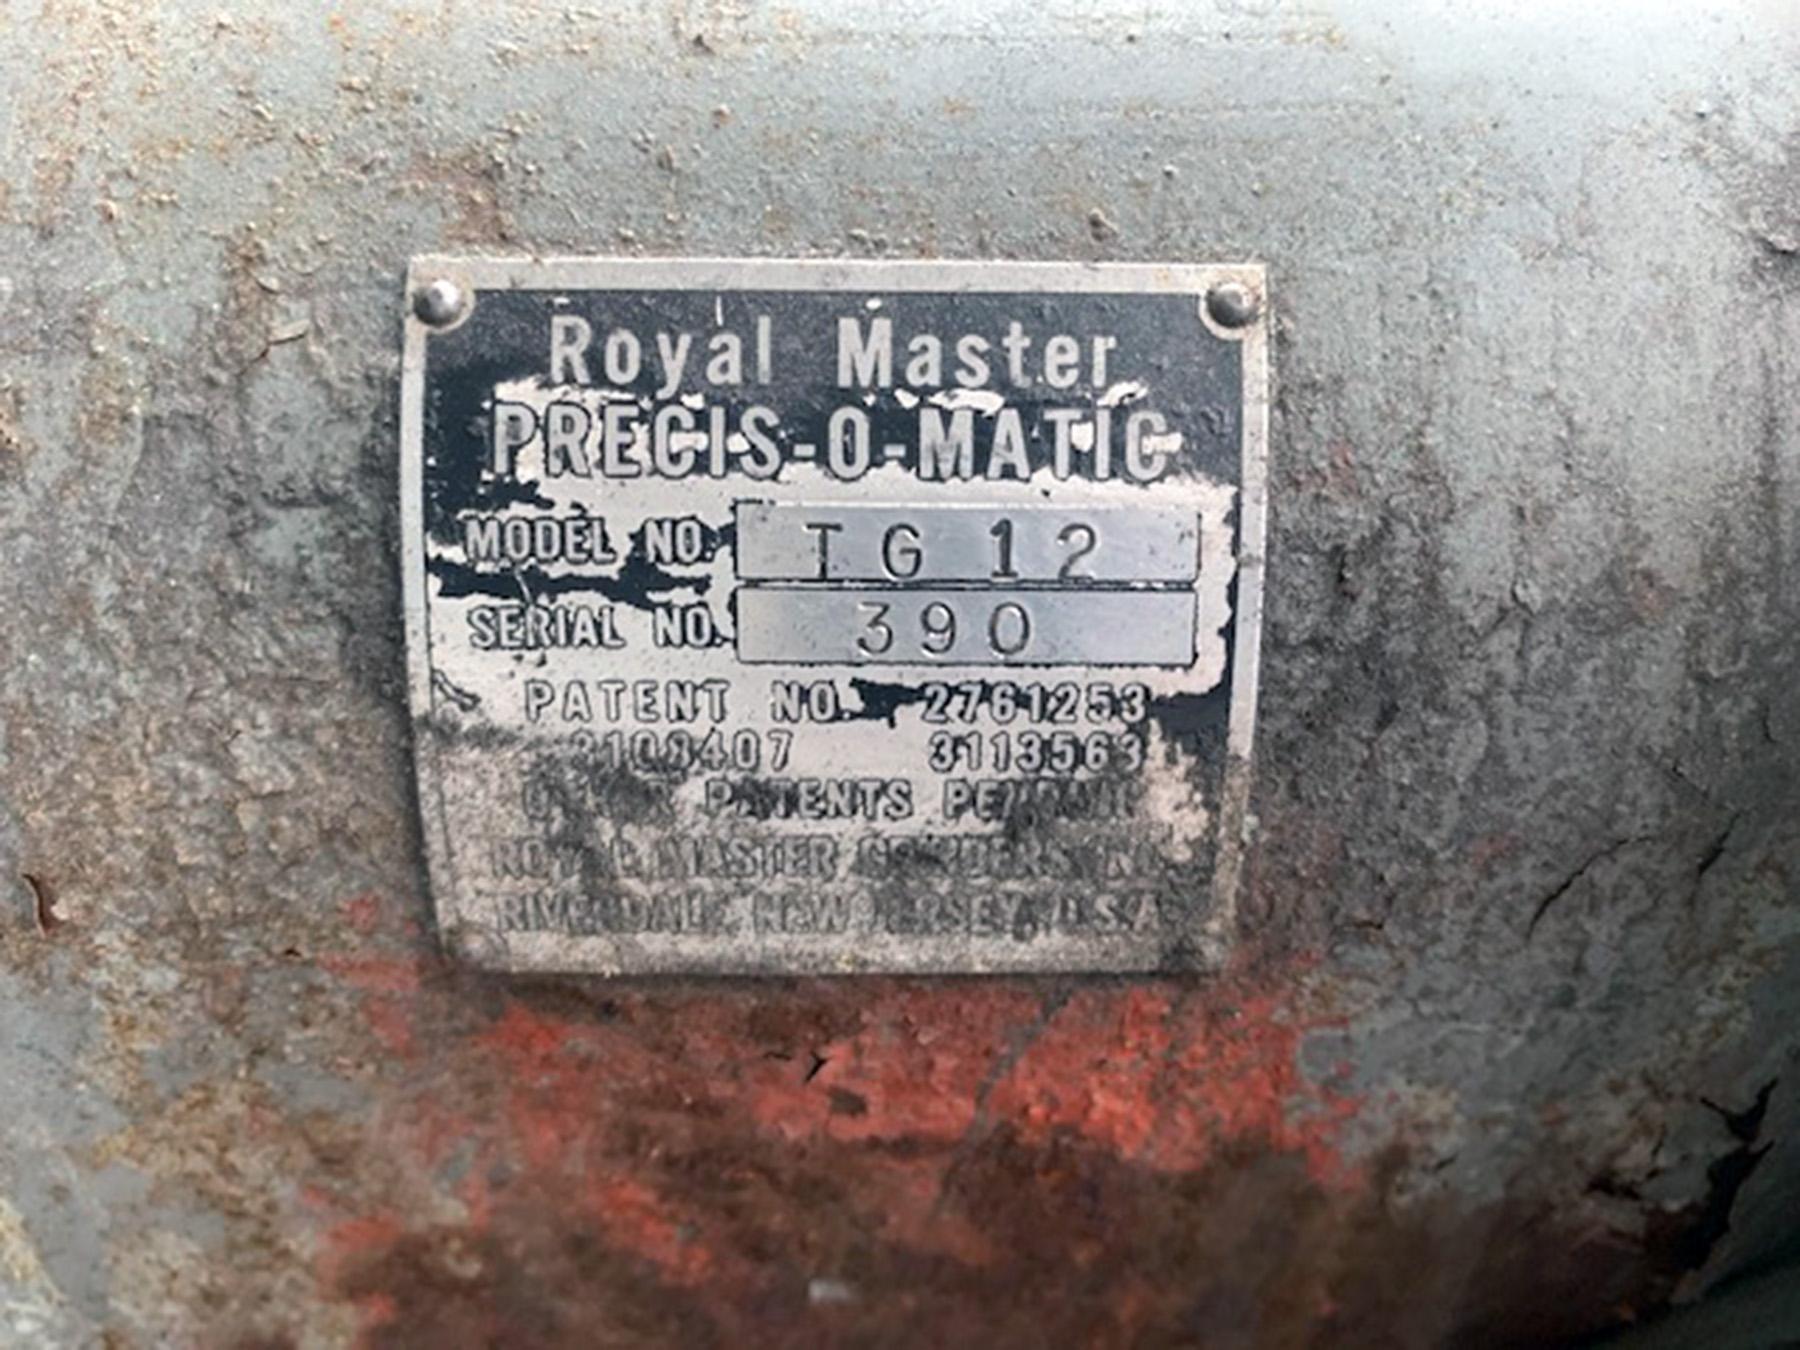 USED, ROYAL MASTER MODEL TG12 CENTERLESS GRINDER